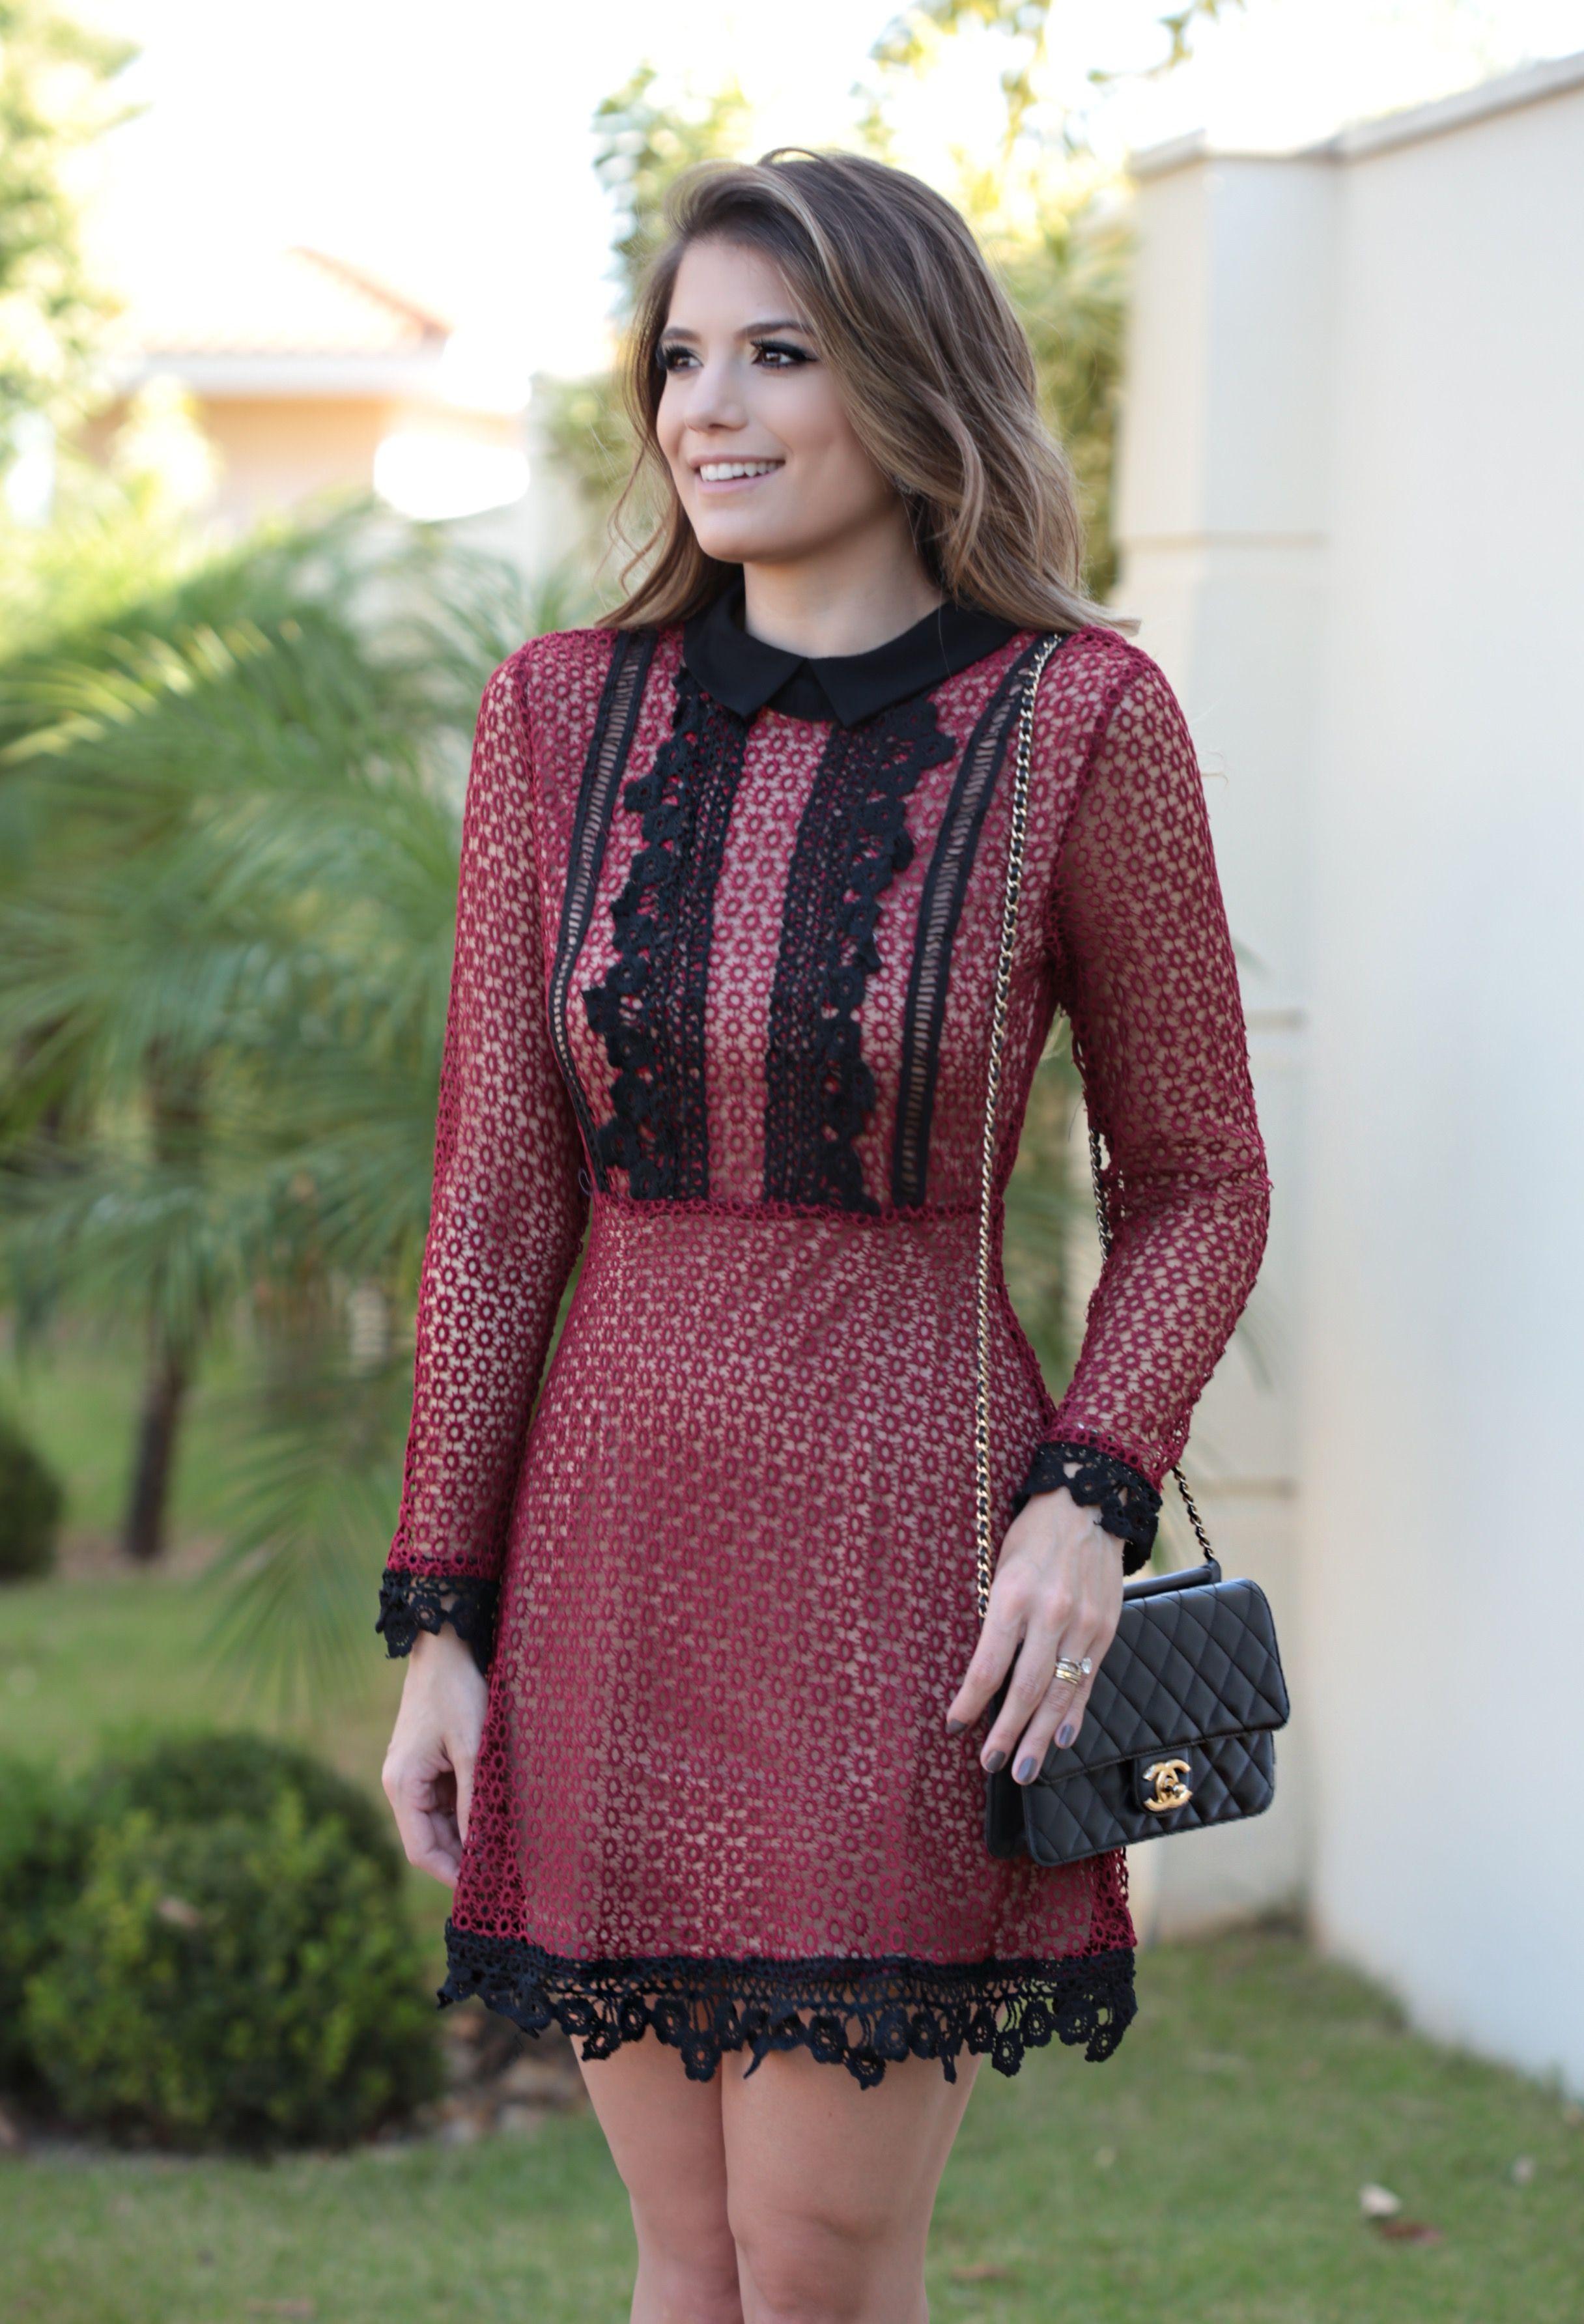 Pin de Jackeline Fañas en Moda y Estilo | Pinterest | Vestiditos ...